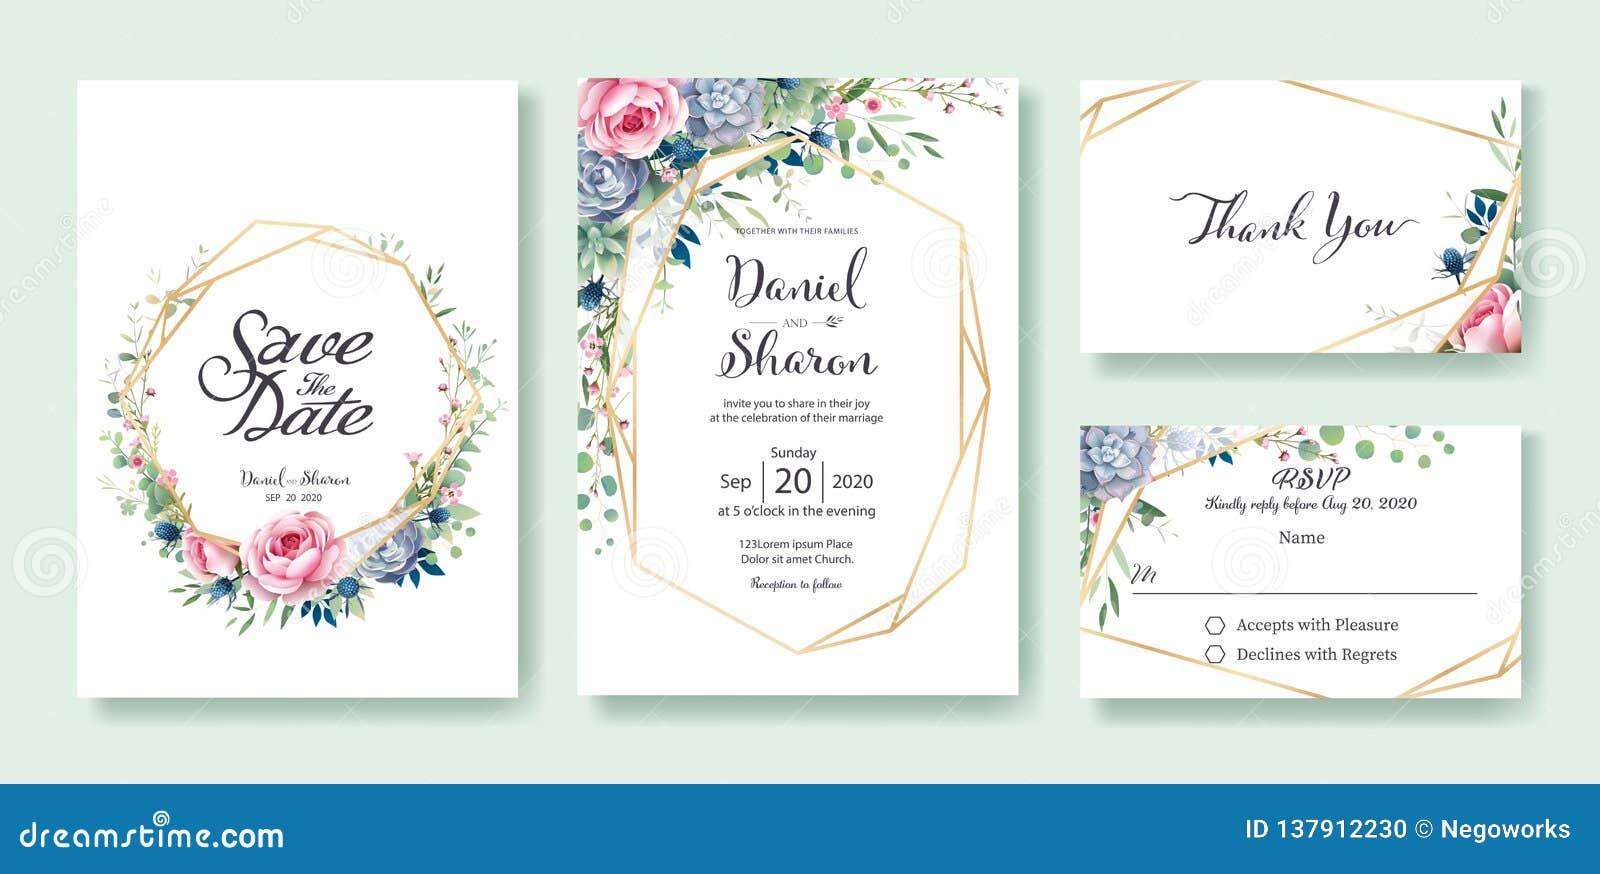 Hochzeits-Einladung, sparen das Datum, danke, rsvp Karte Designschablone Königin von Schweden stieg Blume, Blätter, die saftige A